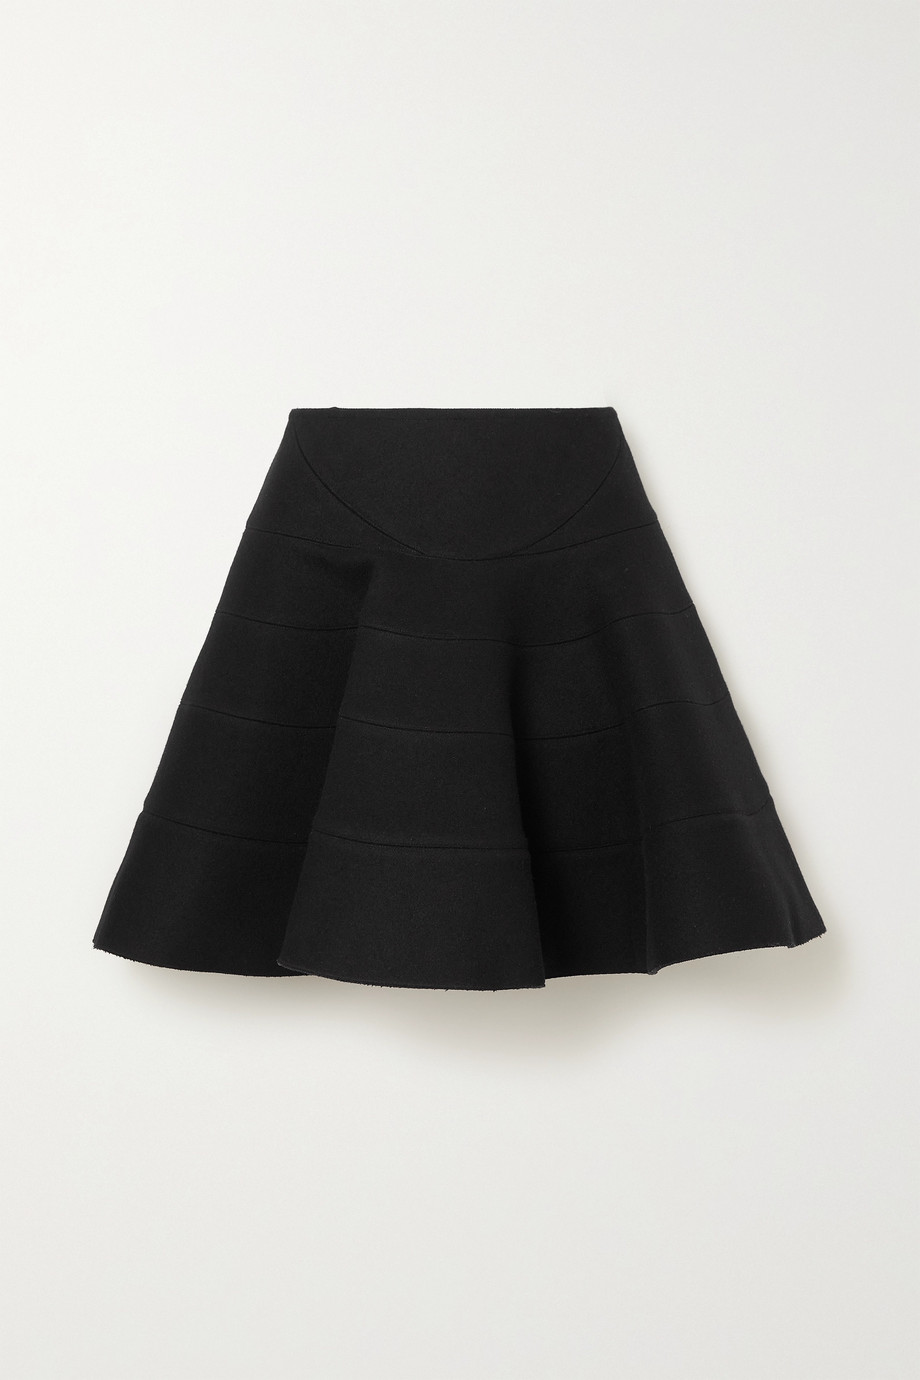 Alaïa Editions wool-blend mini skirt